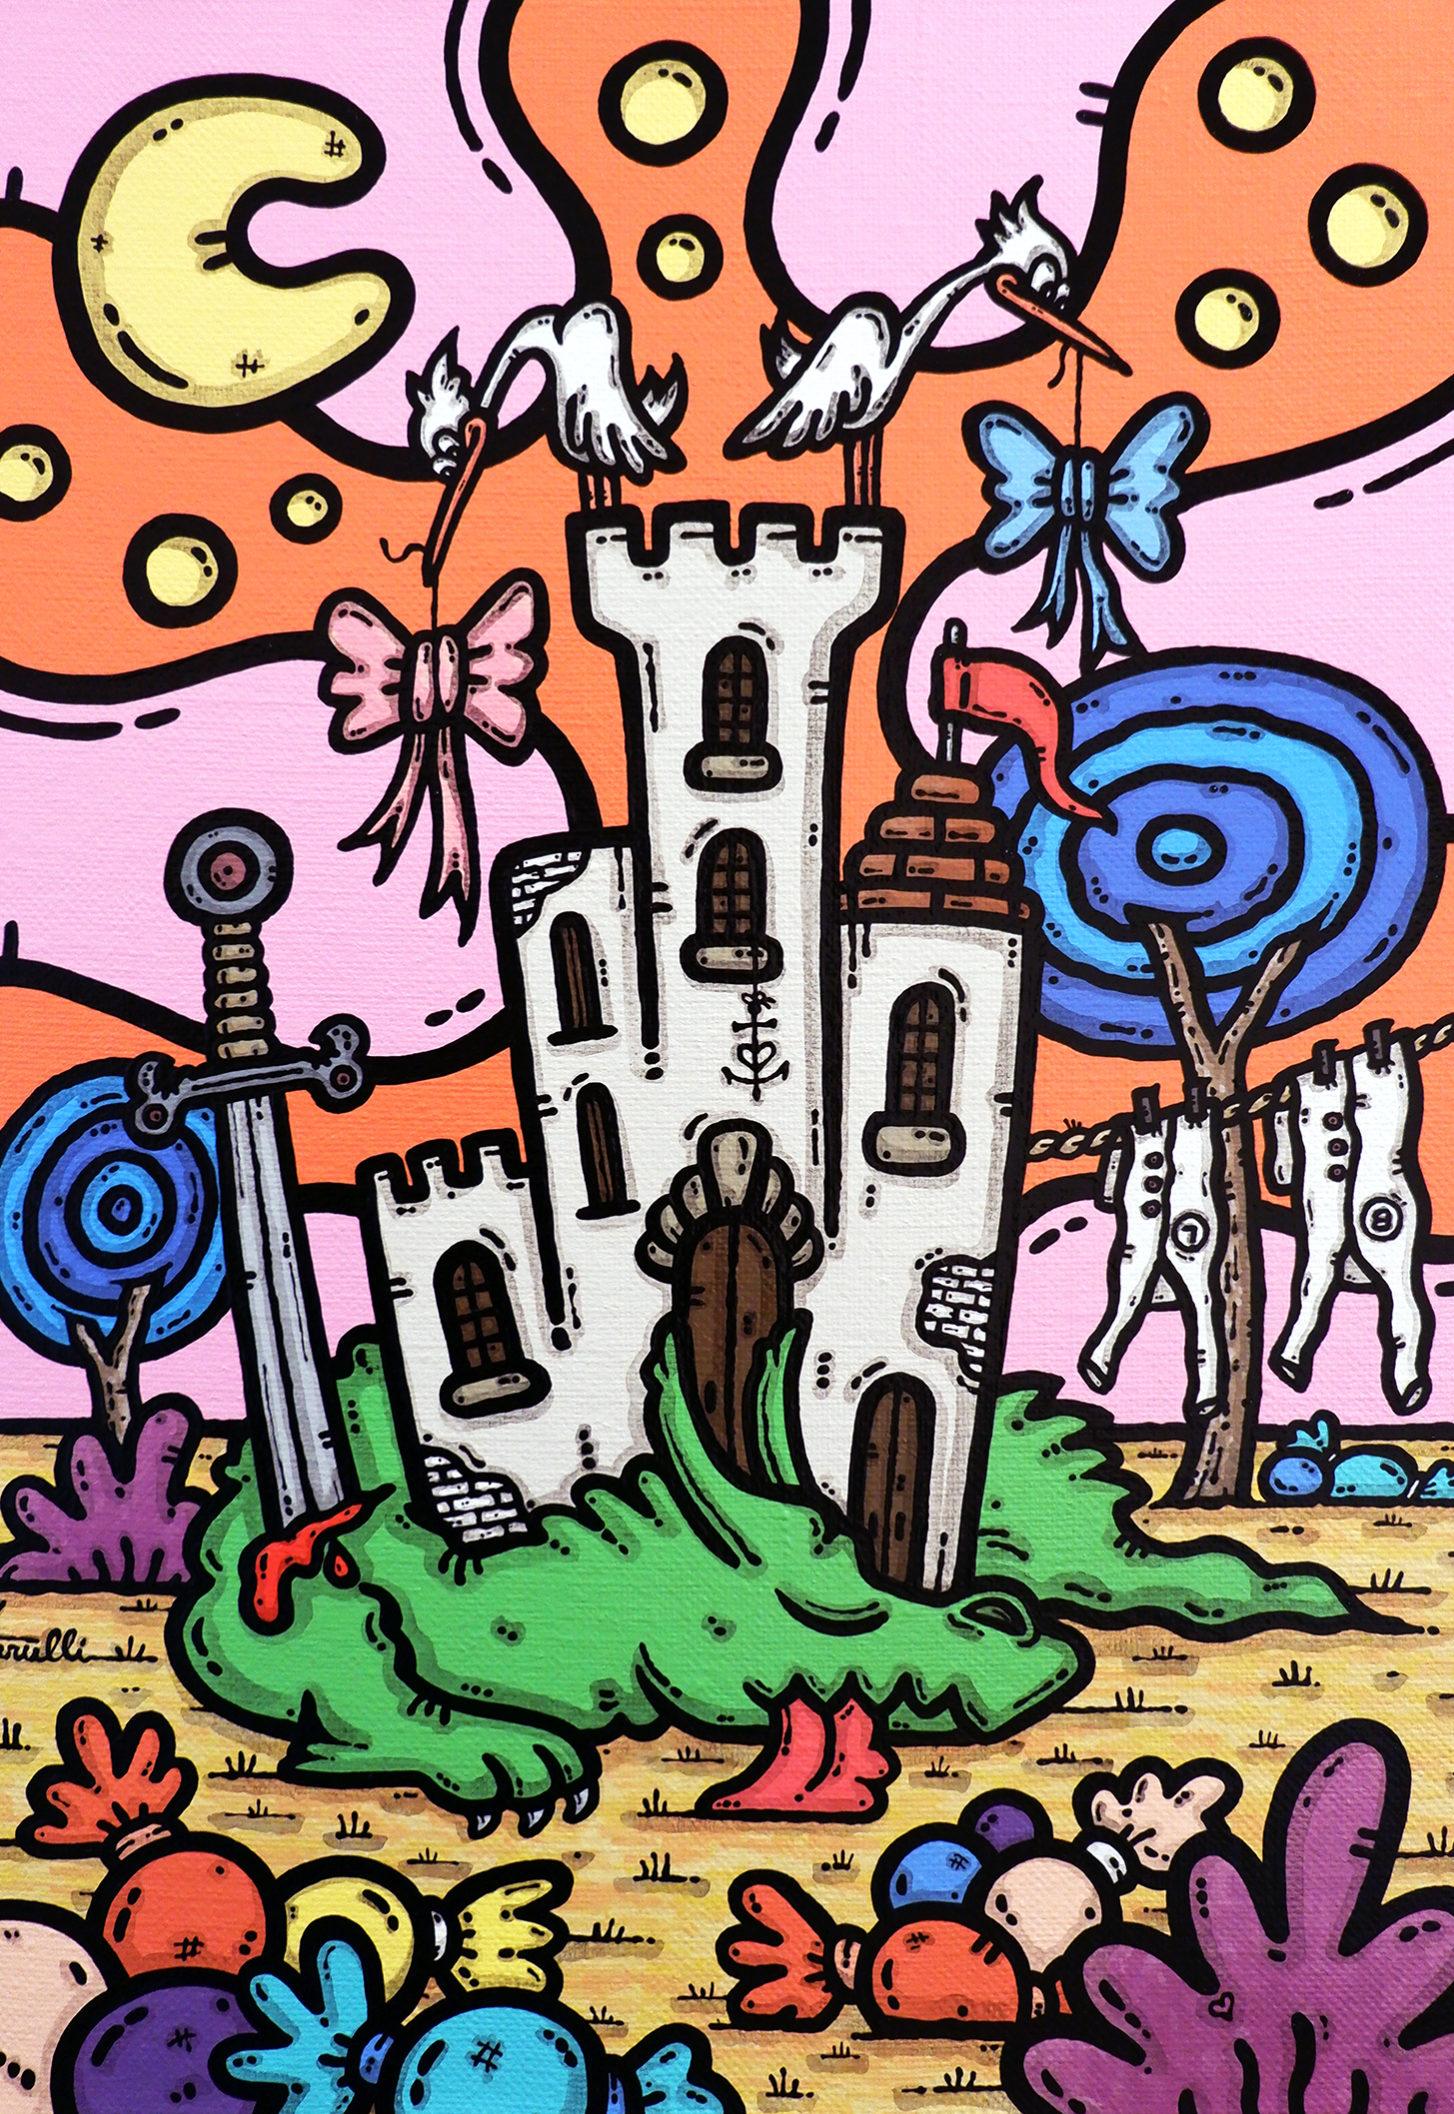 opera, contornismo metafisico, francesco ferrulli, pittore, artista, italiano, arte contemporanea, dipinto, acrilico su tela, quadro colorato, acrylic on canvas, art, painter, dolci, drago, cicogne, castello, dulcis in fundo.